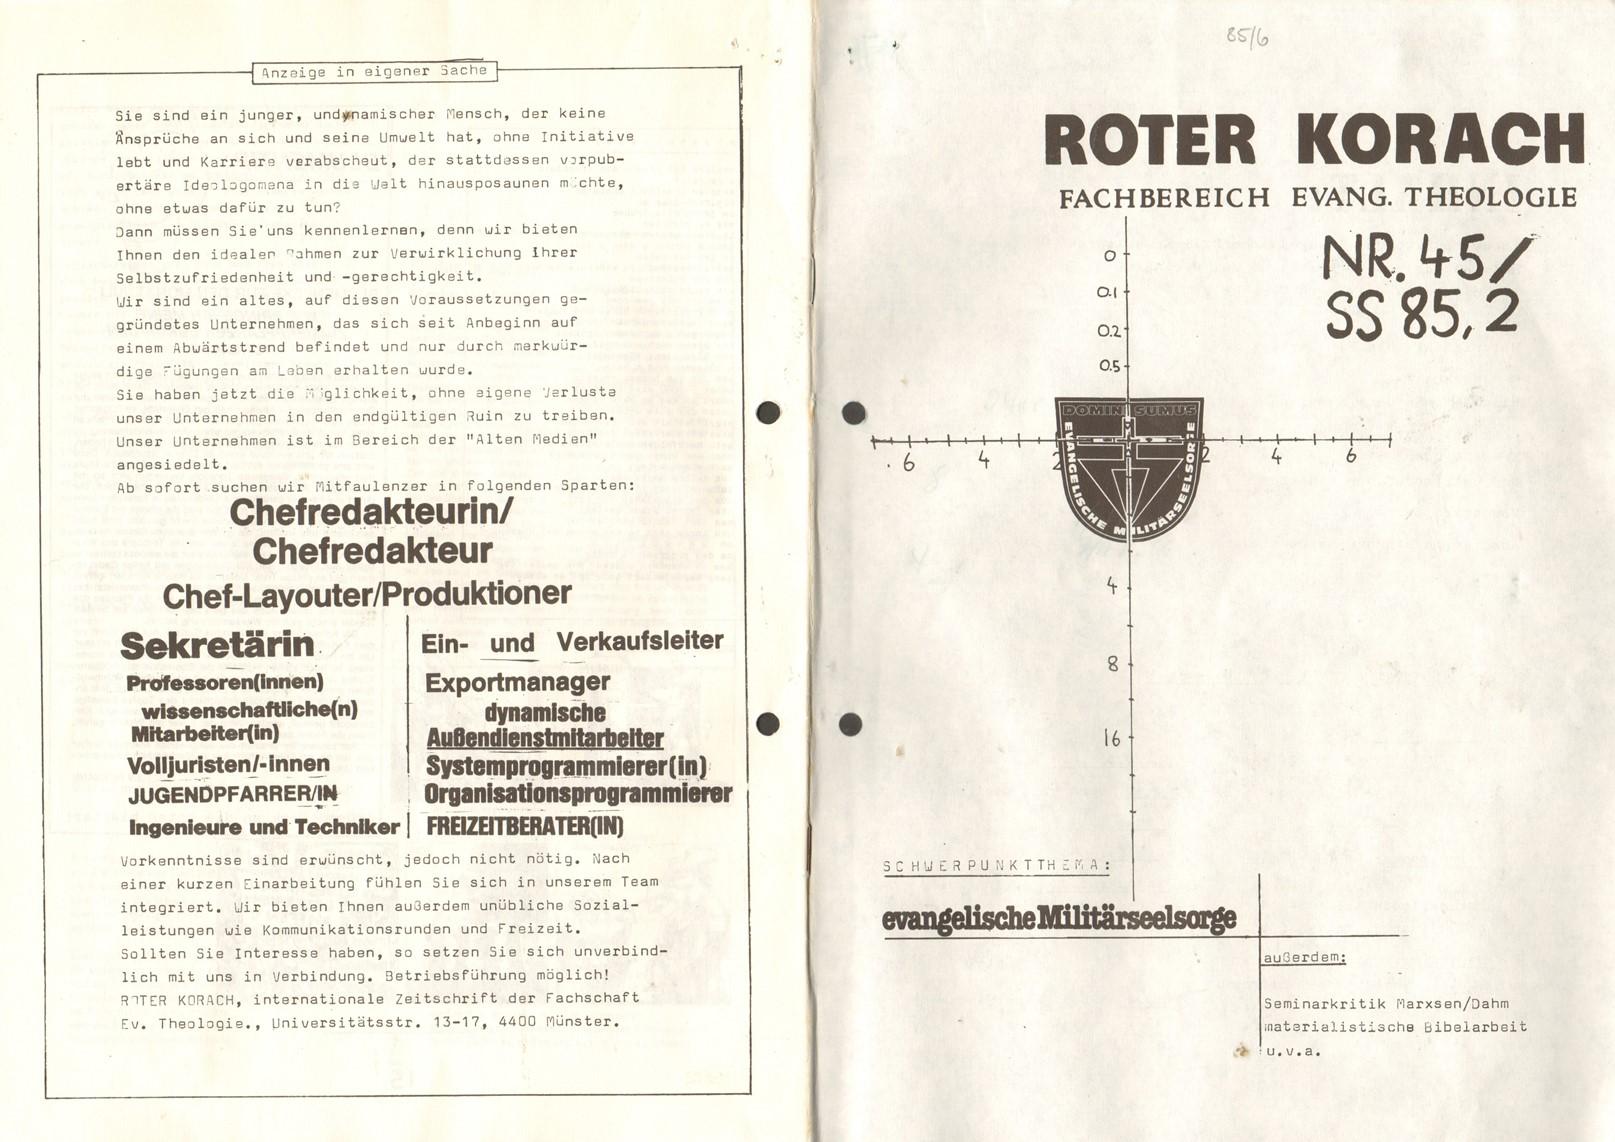 Muenster_Roter_Korach_19850600_01